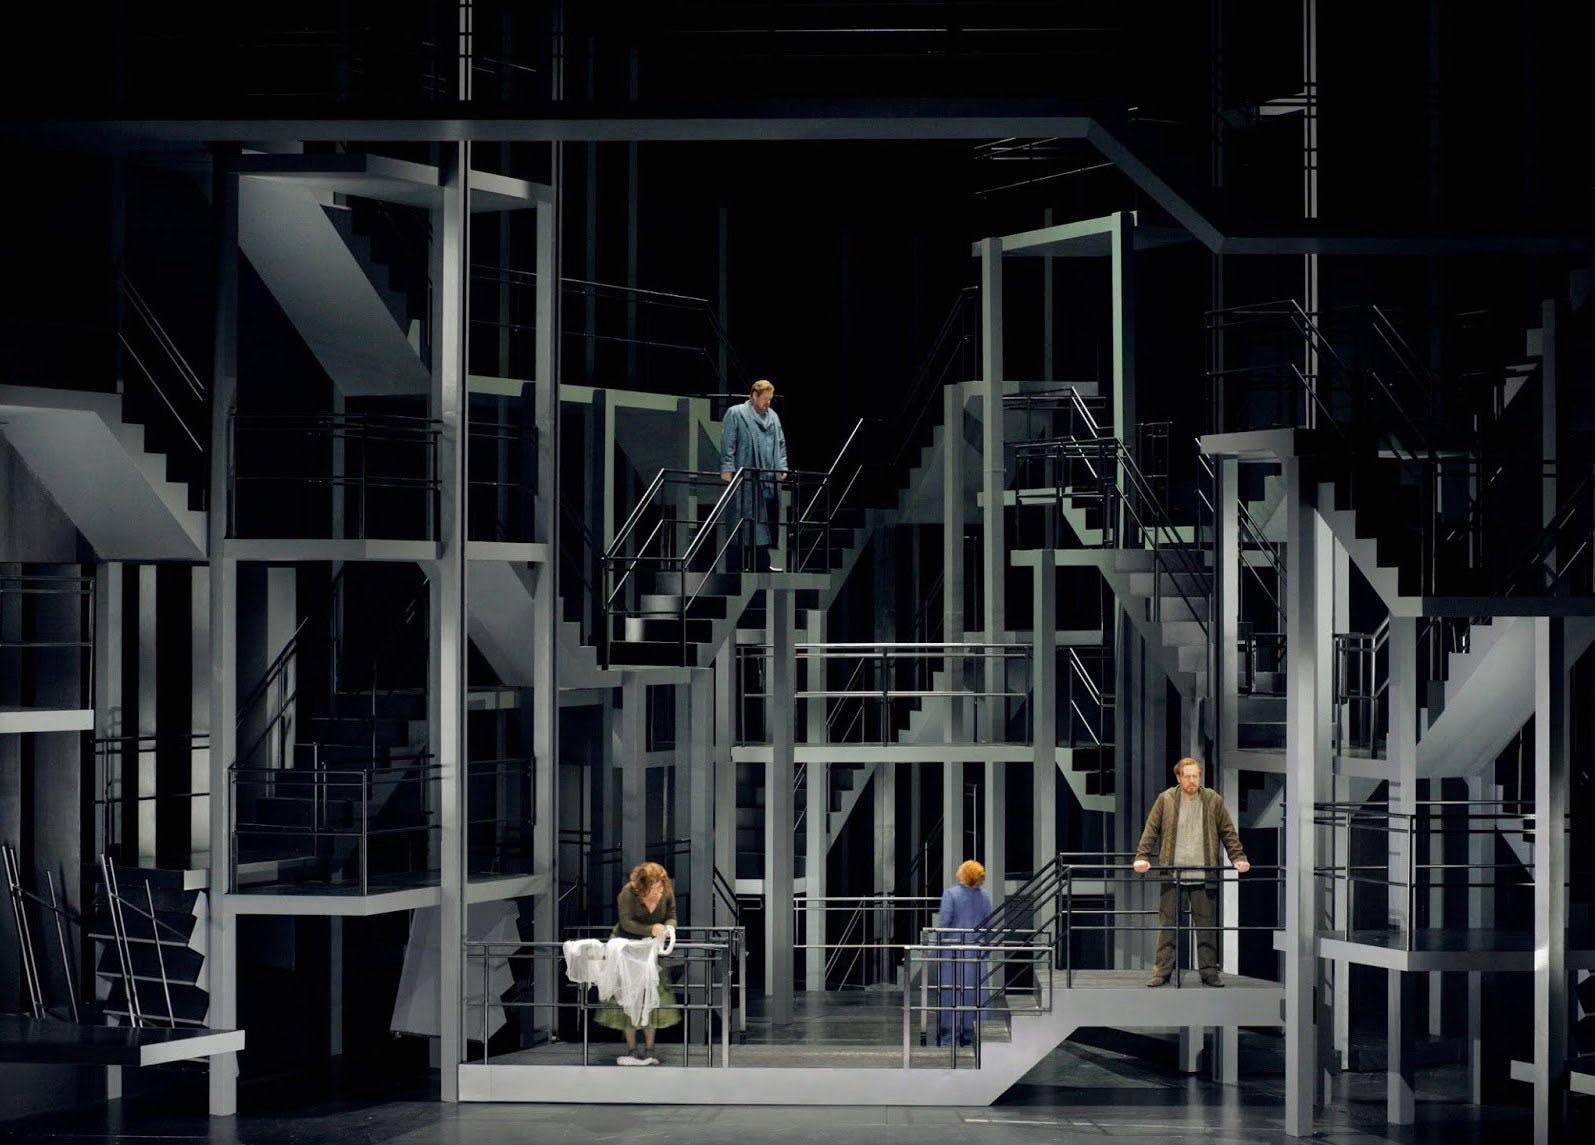 Concierto del mes: Tosca (Beczala, Radvanovsky, Hampson)